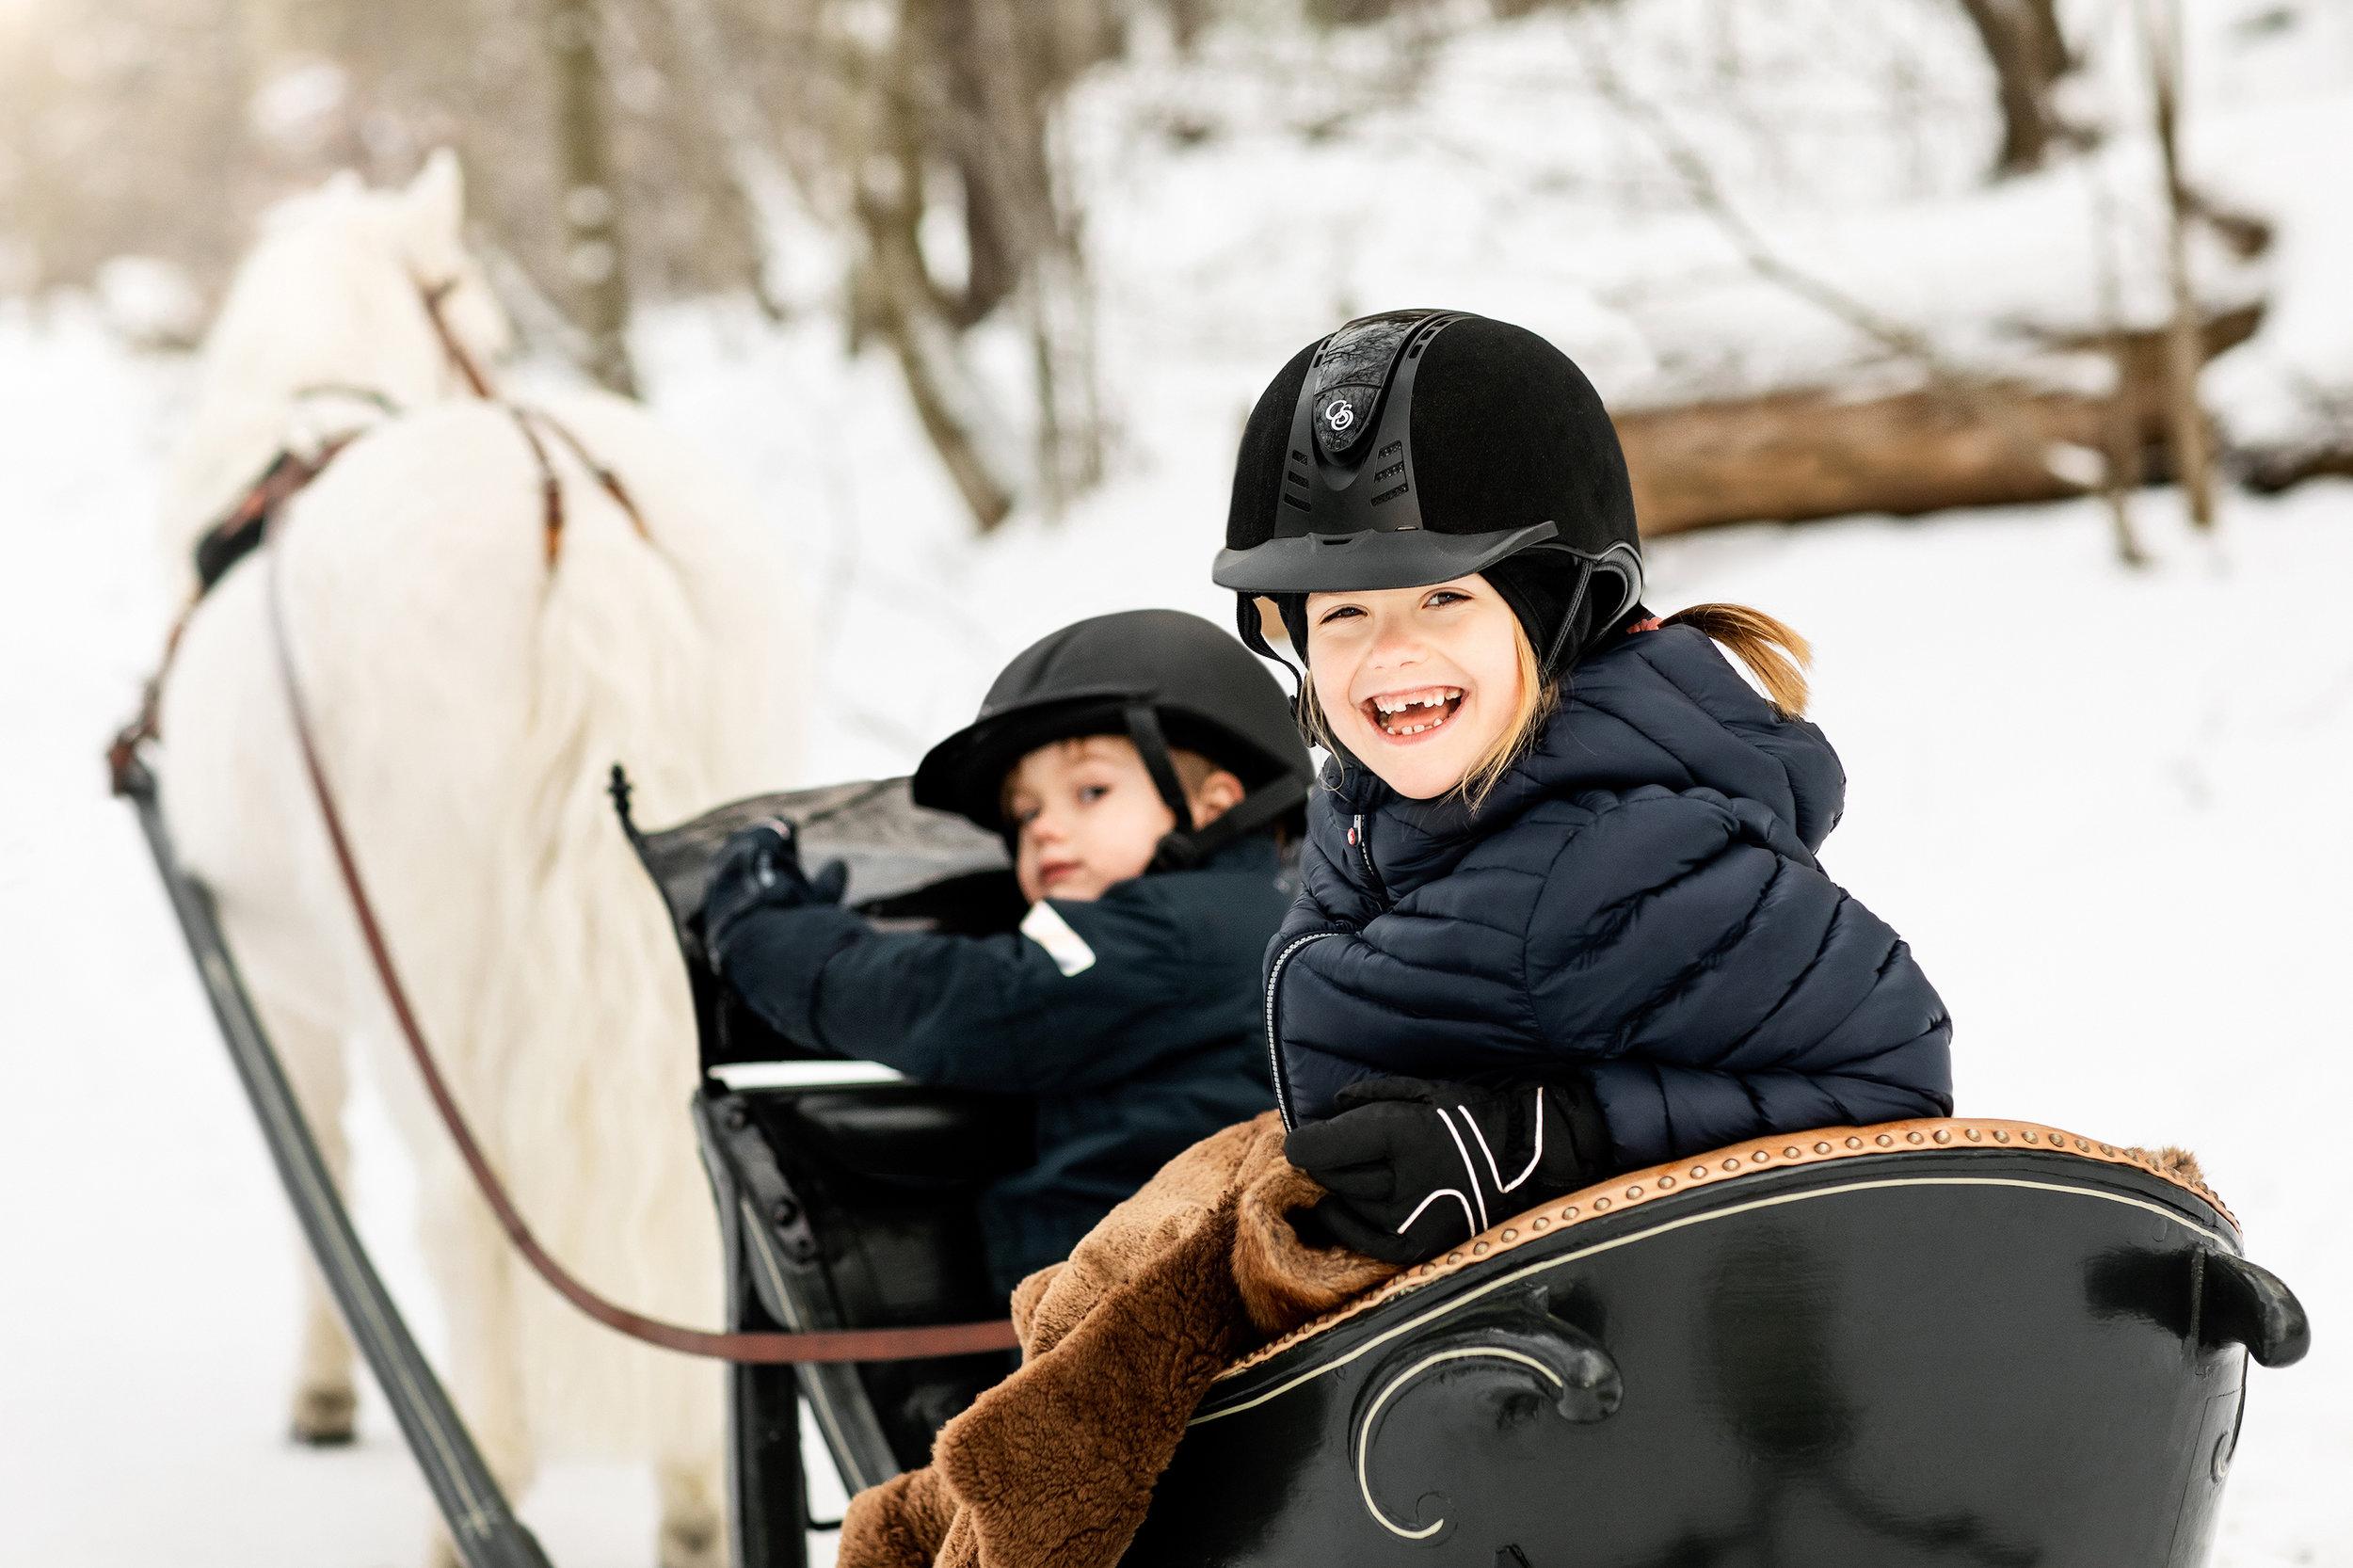 Warm eingekuschelt fahren Prinzessin Estelle und Prinz Oscar mit dem Schlitten. Die Siebenjährige strahlt über das ganze Gesicht. ©Linda Broström/Kungl. Hovstaterna